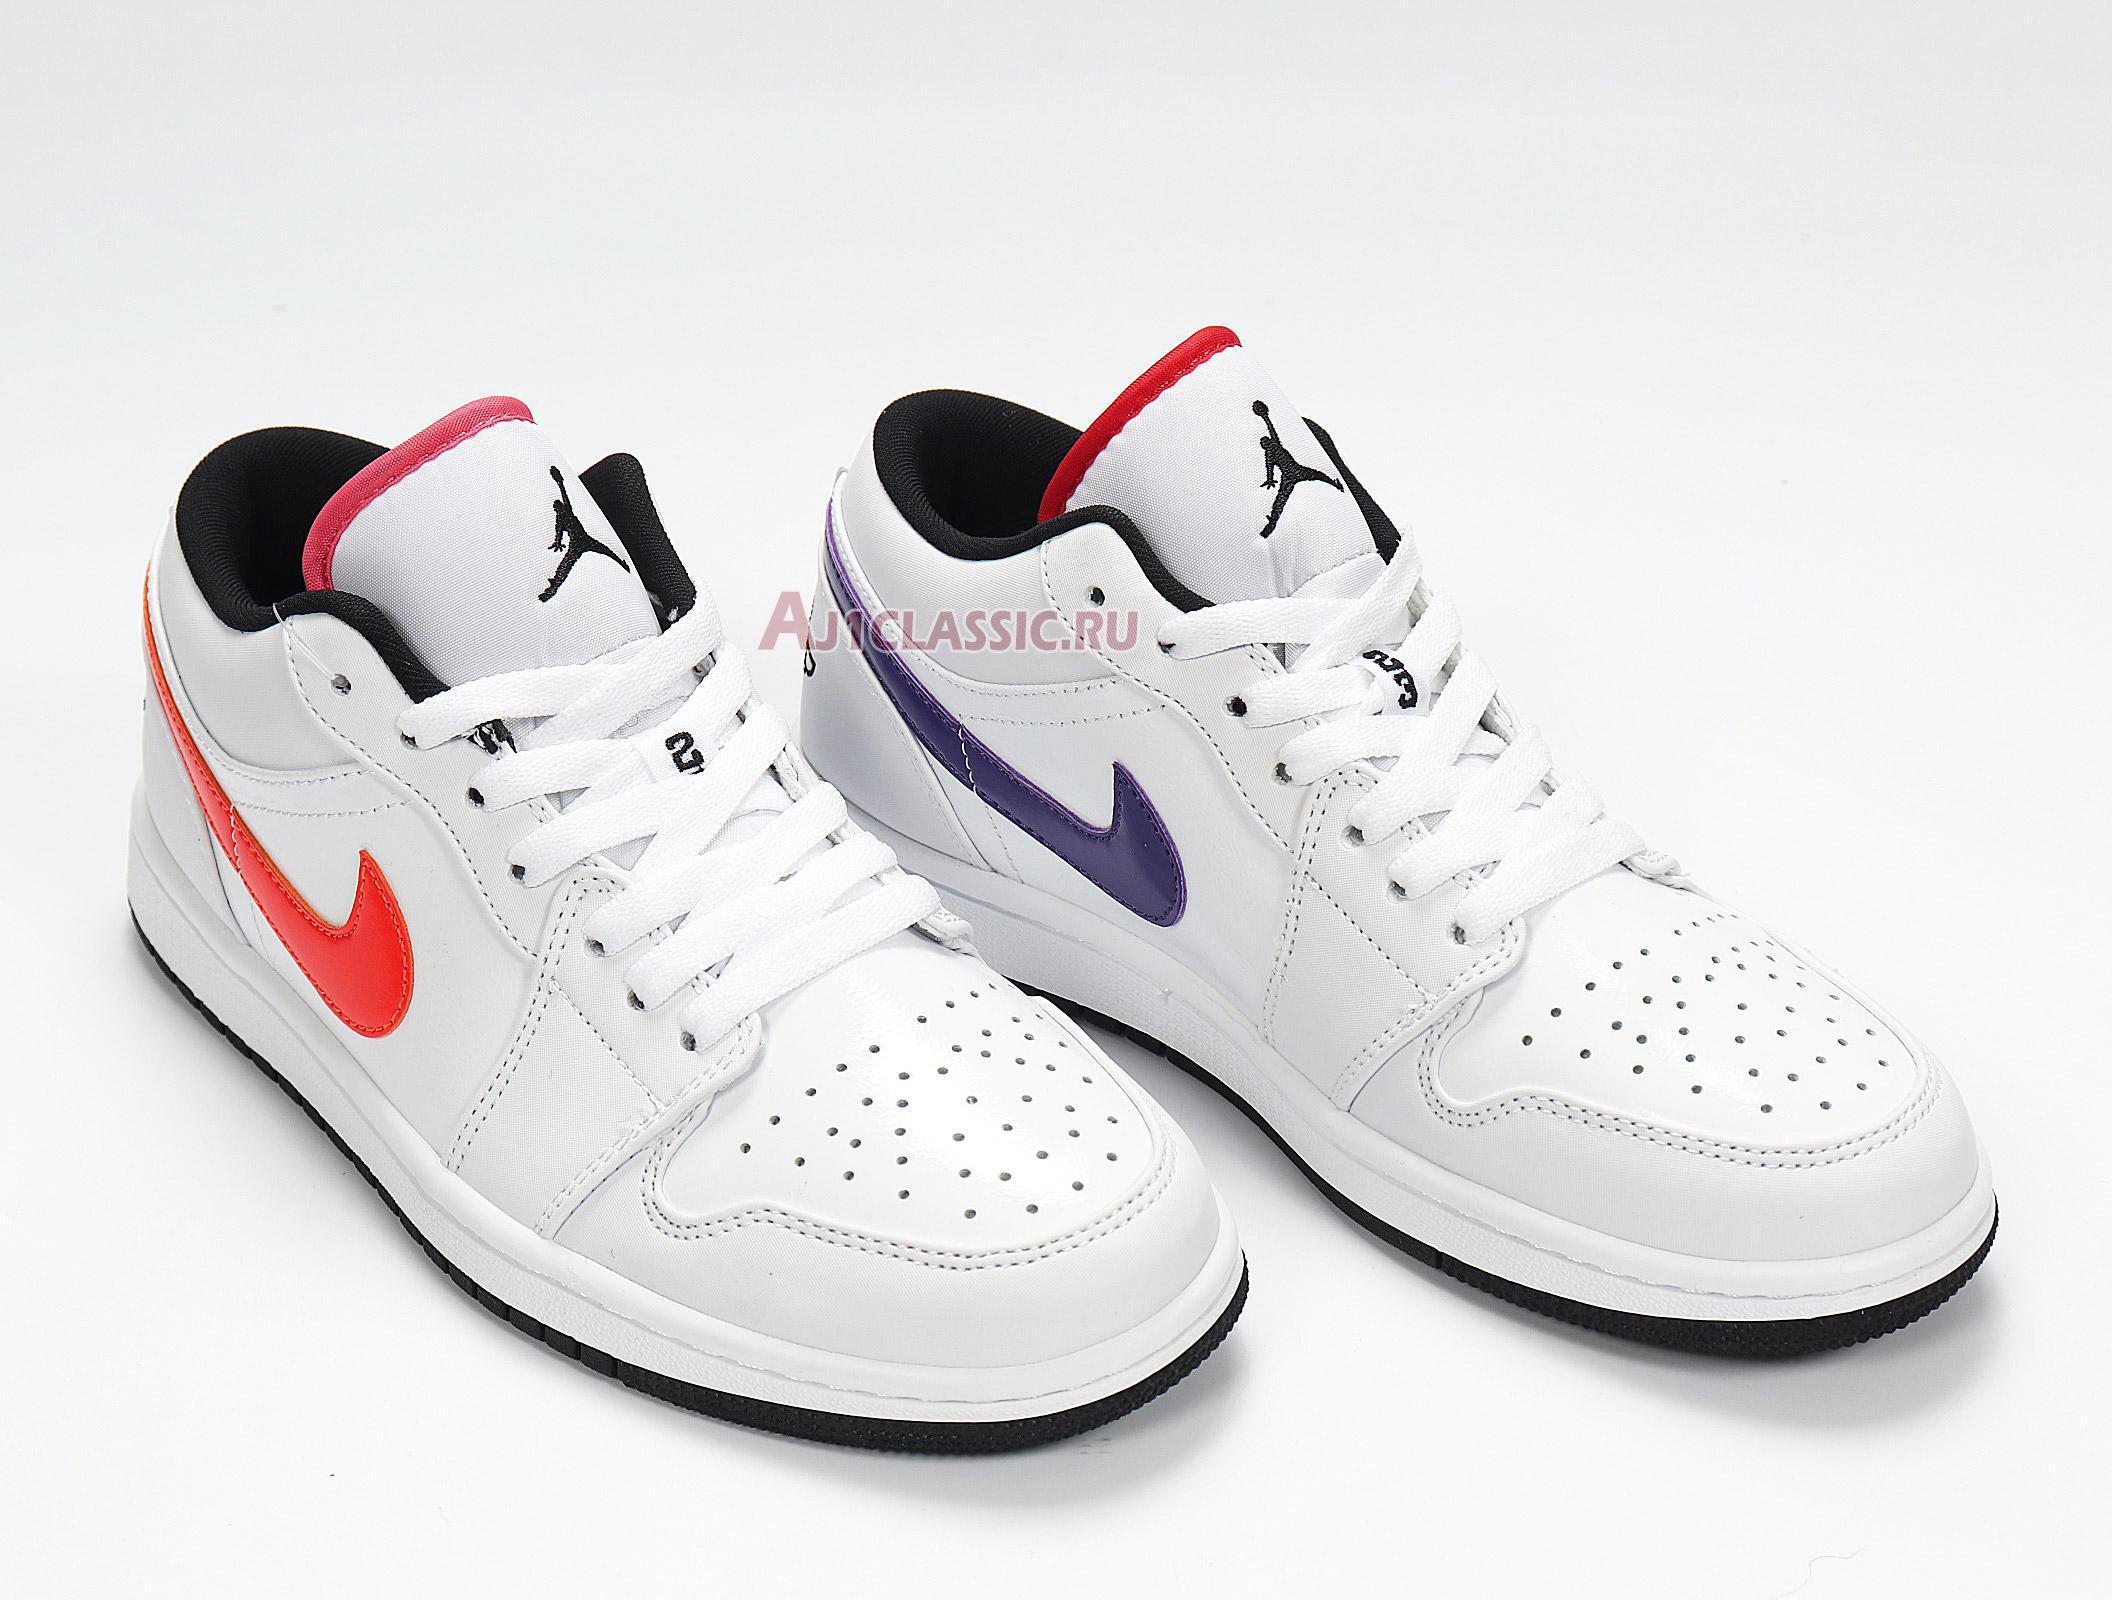 """Air Jordan 1 Low """"Multi-Color Swoosh"""" CW7009-100"""